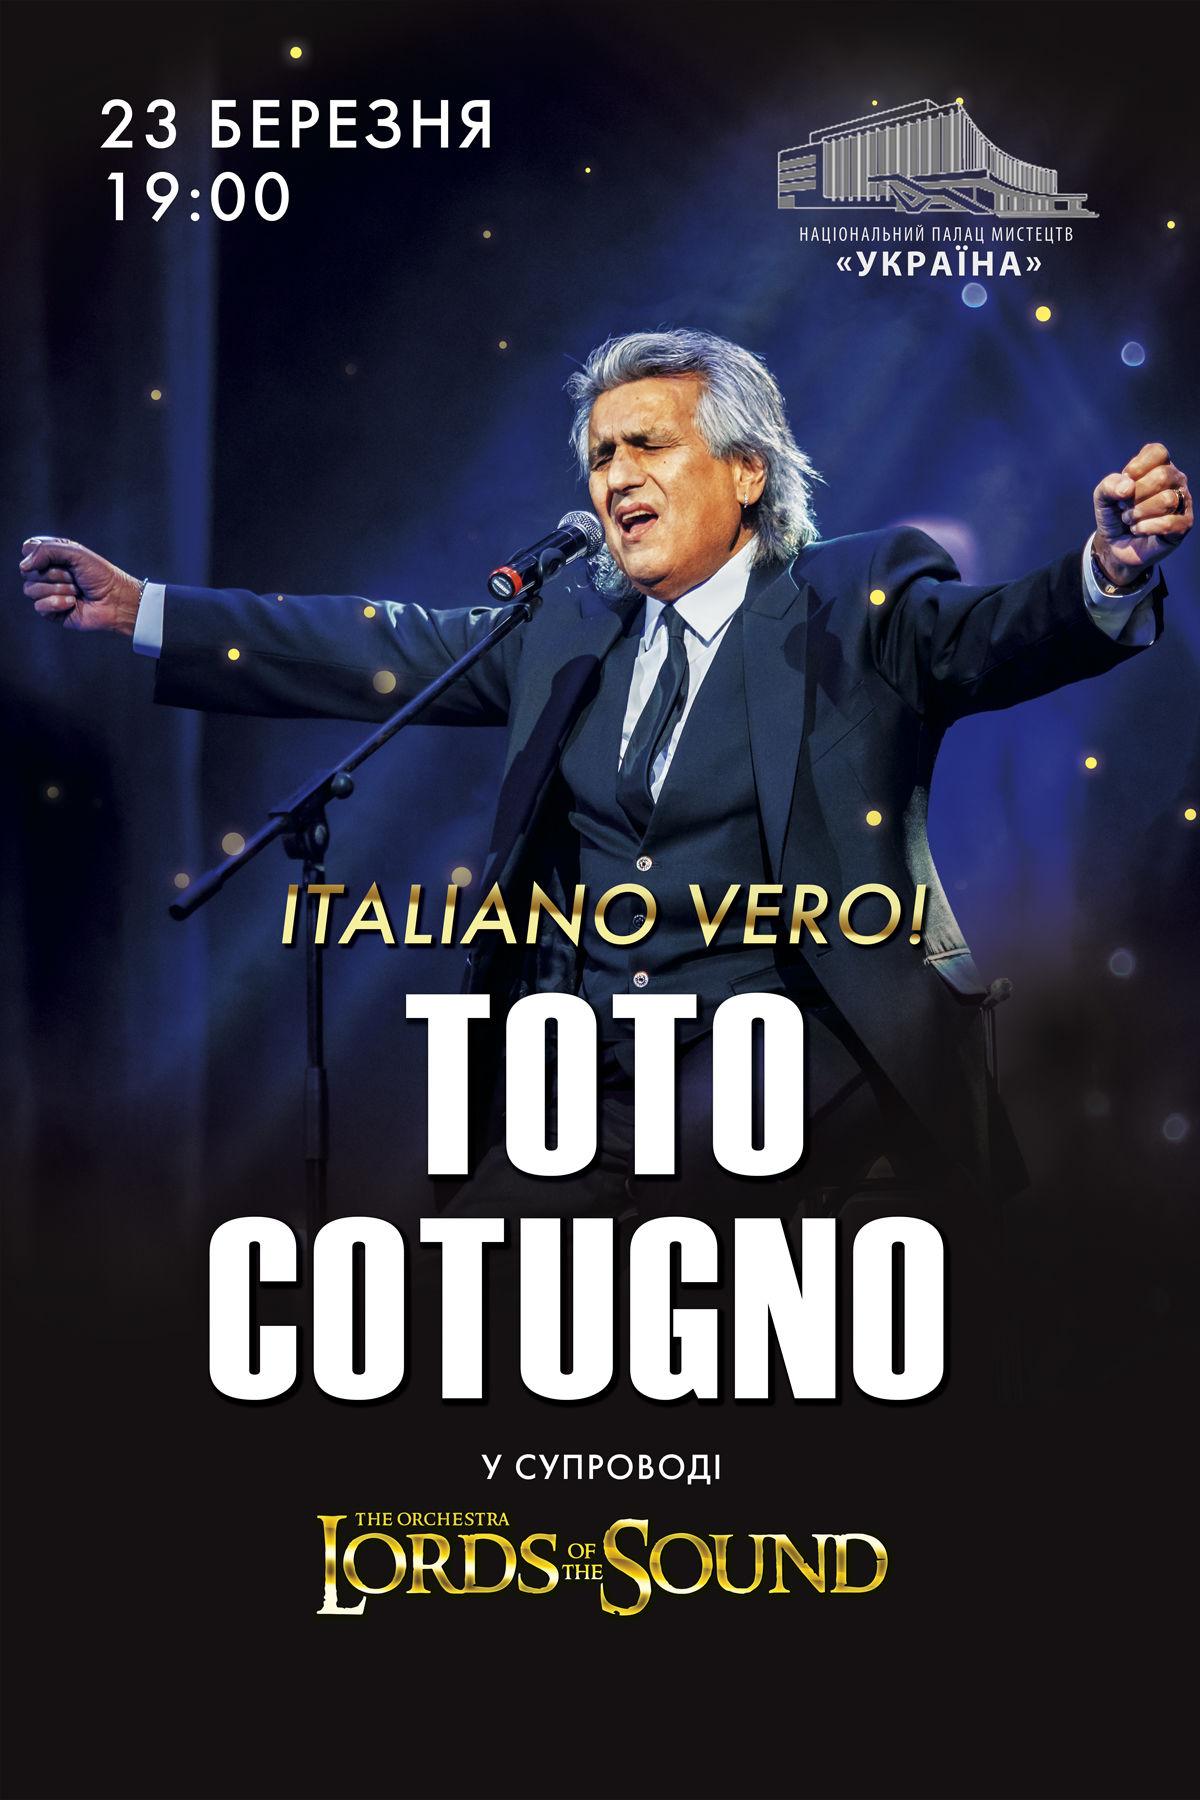 TOTO COTUGNO. Lords of the Sound. ITALIANO VERO